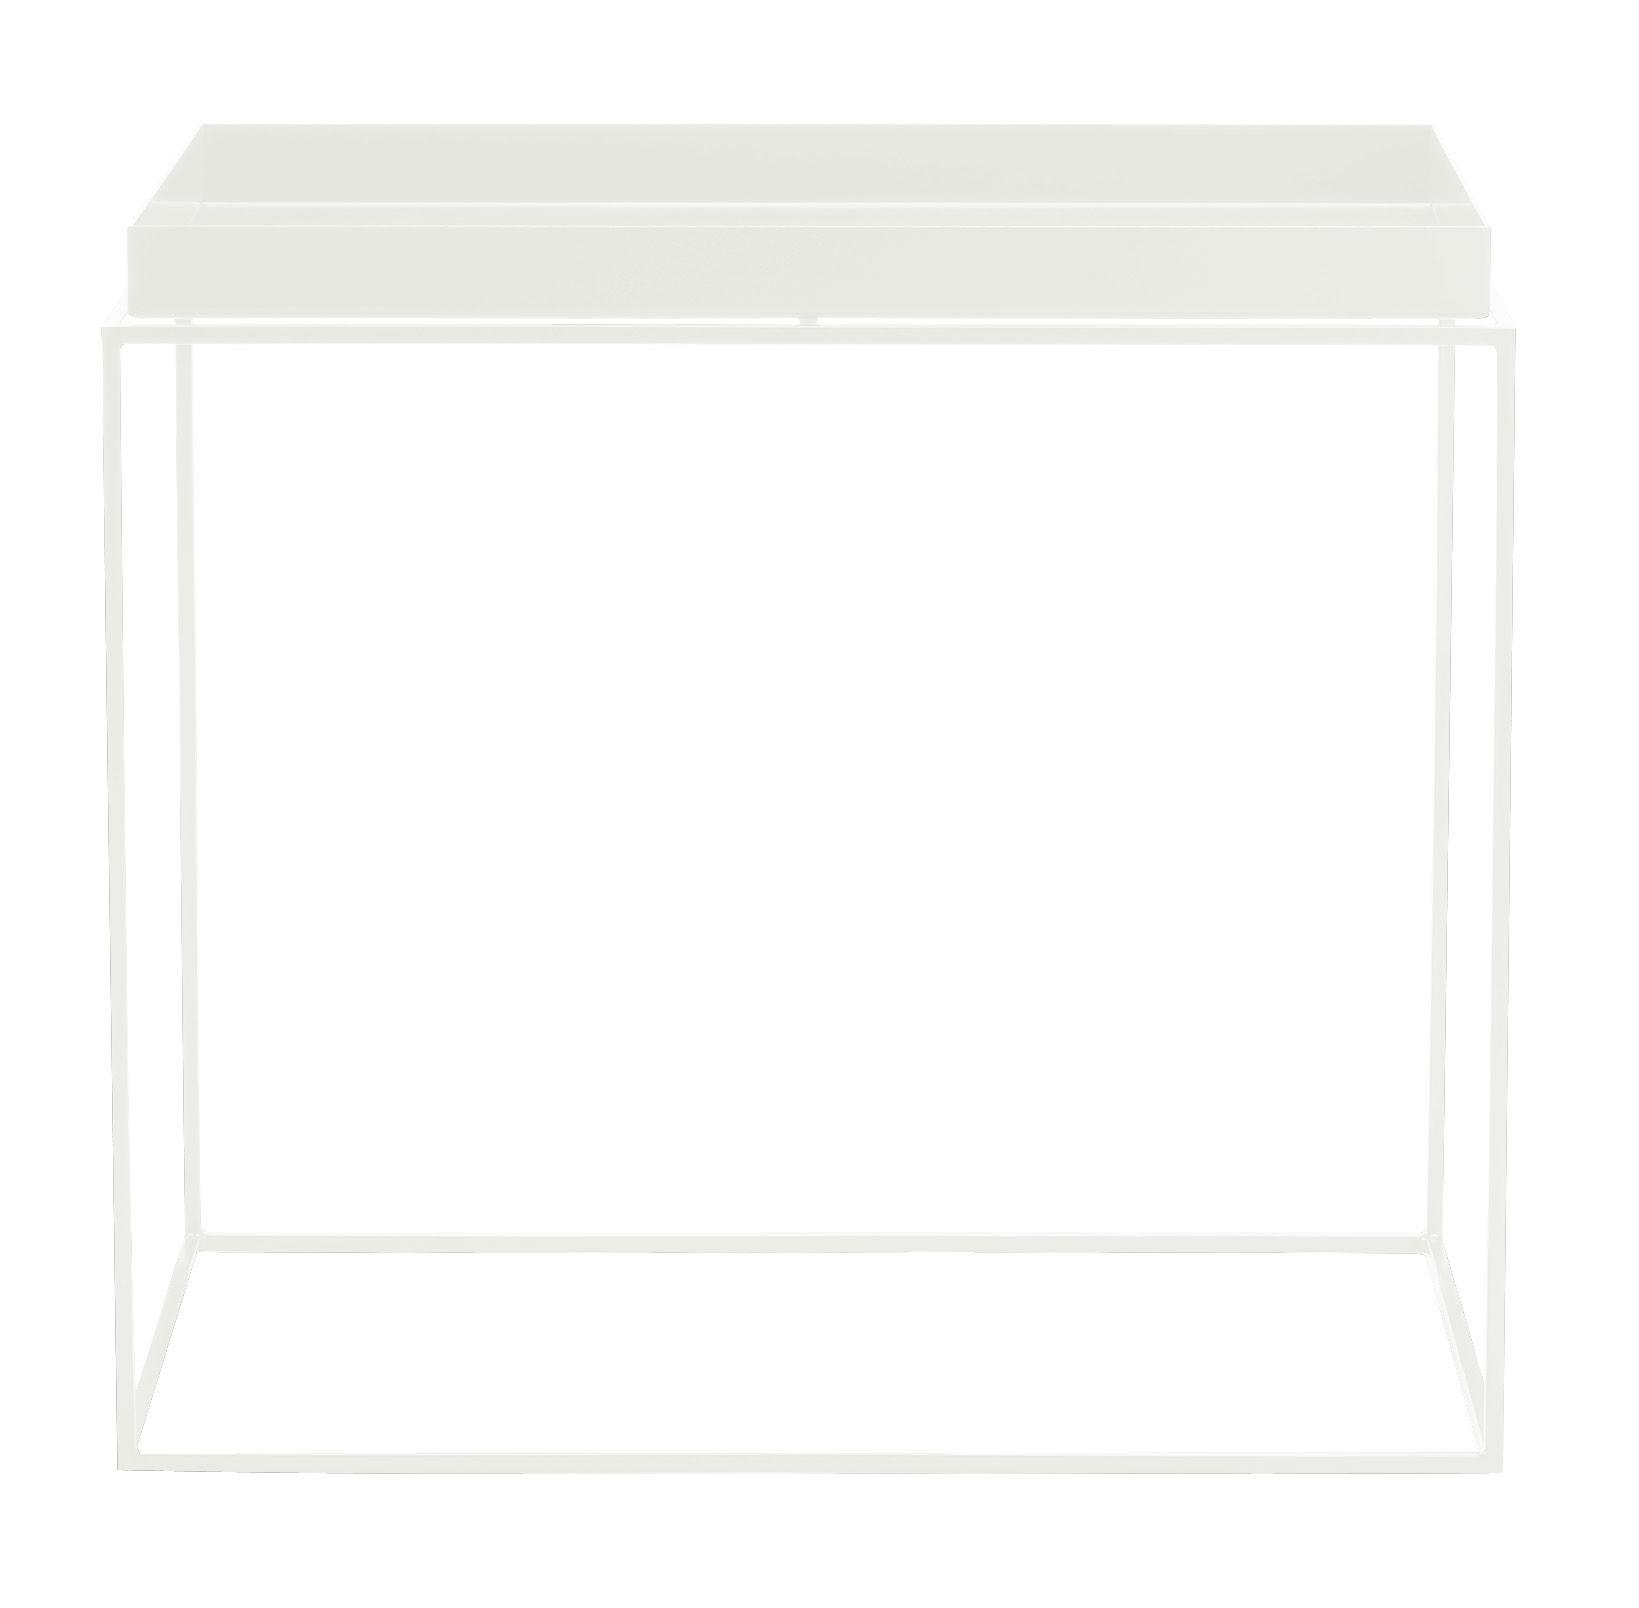 Möbel - Couchtische - Tray Couchtisch H 50 cm - 60 x 40 cm - Hay - Weiß - lackierter Stahl